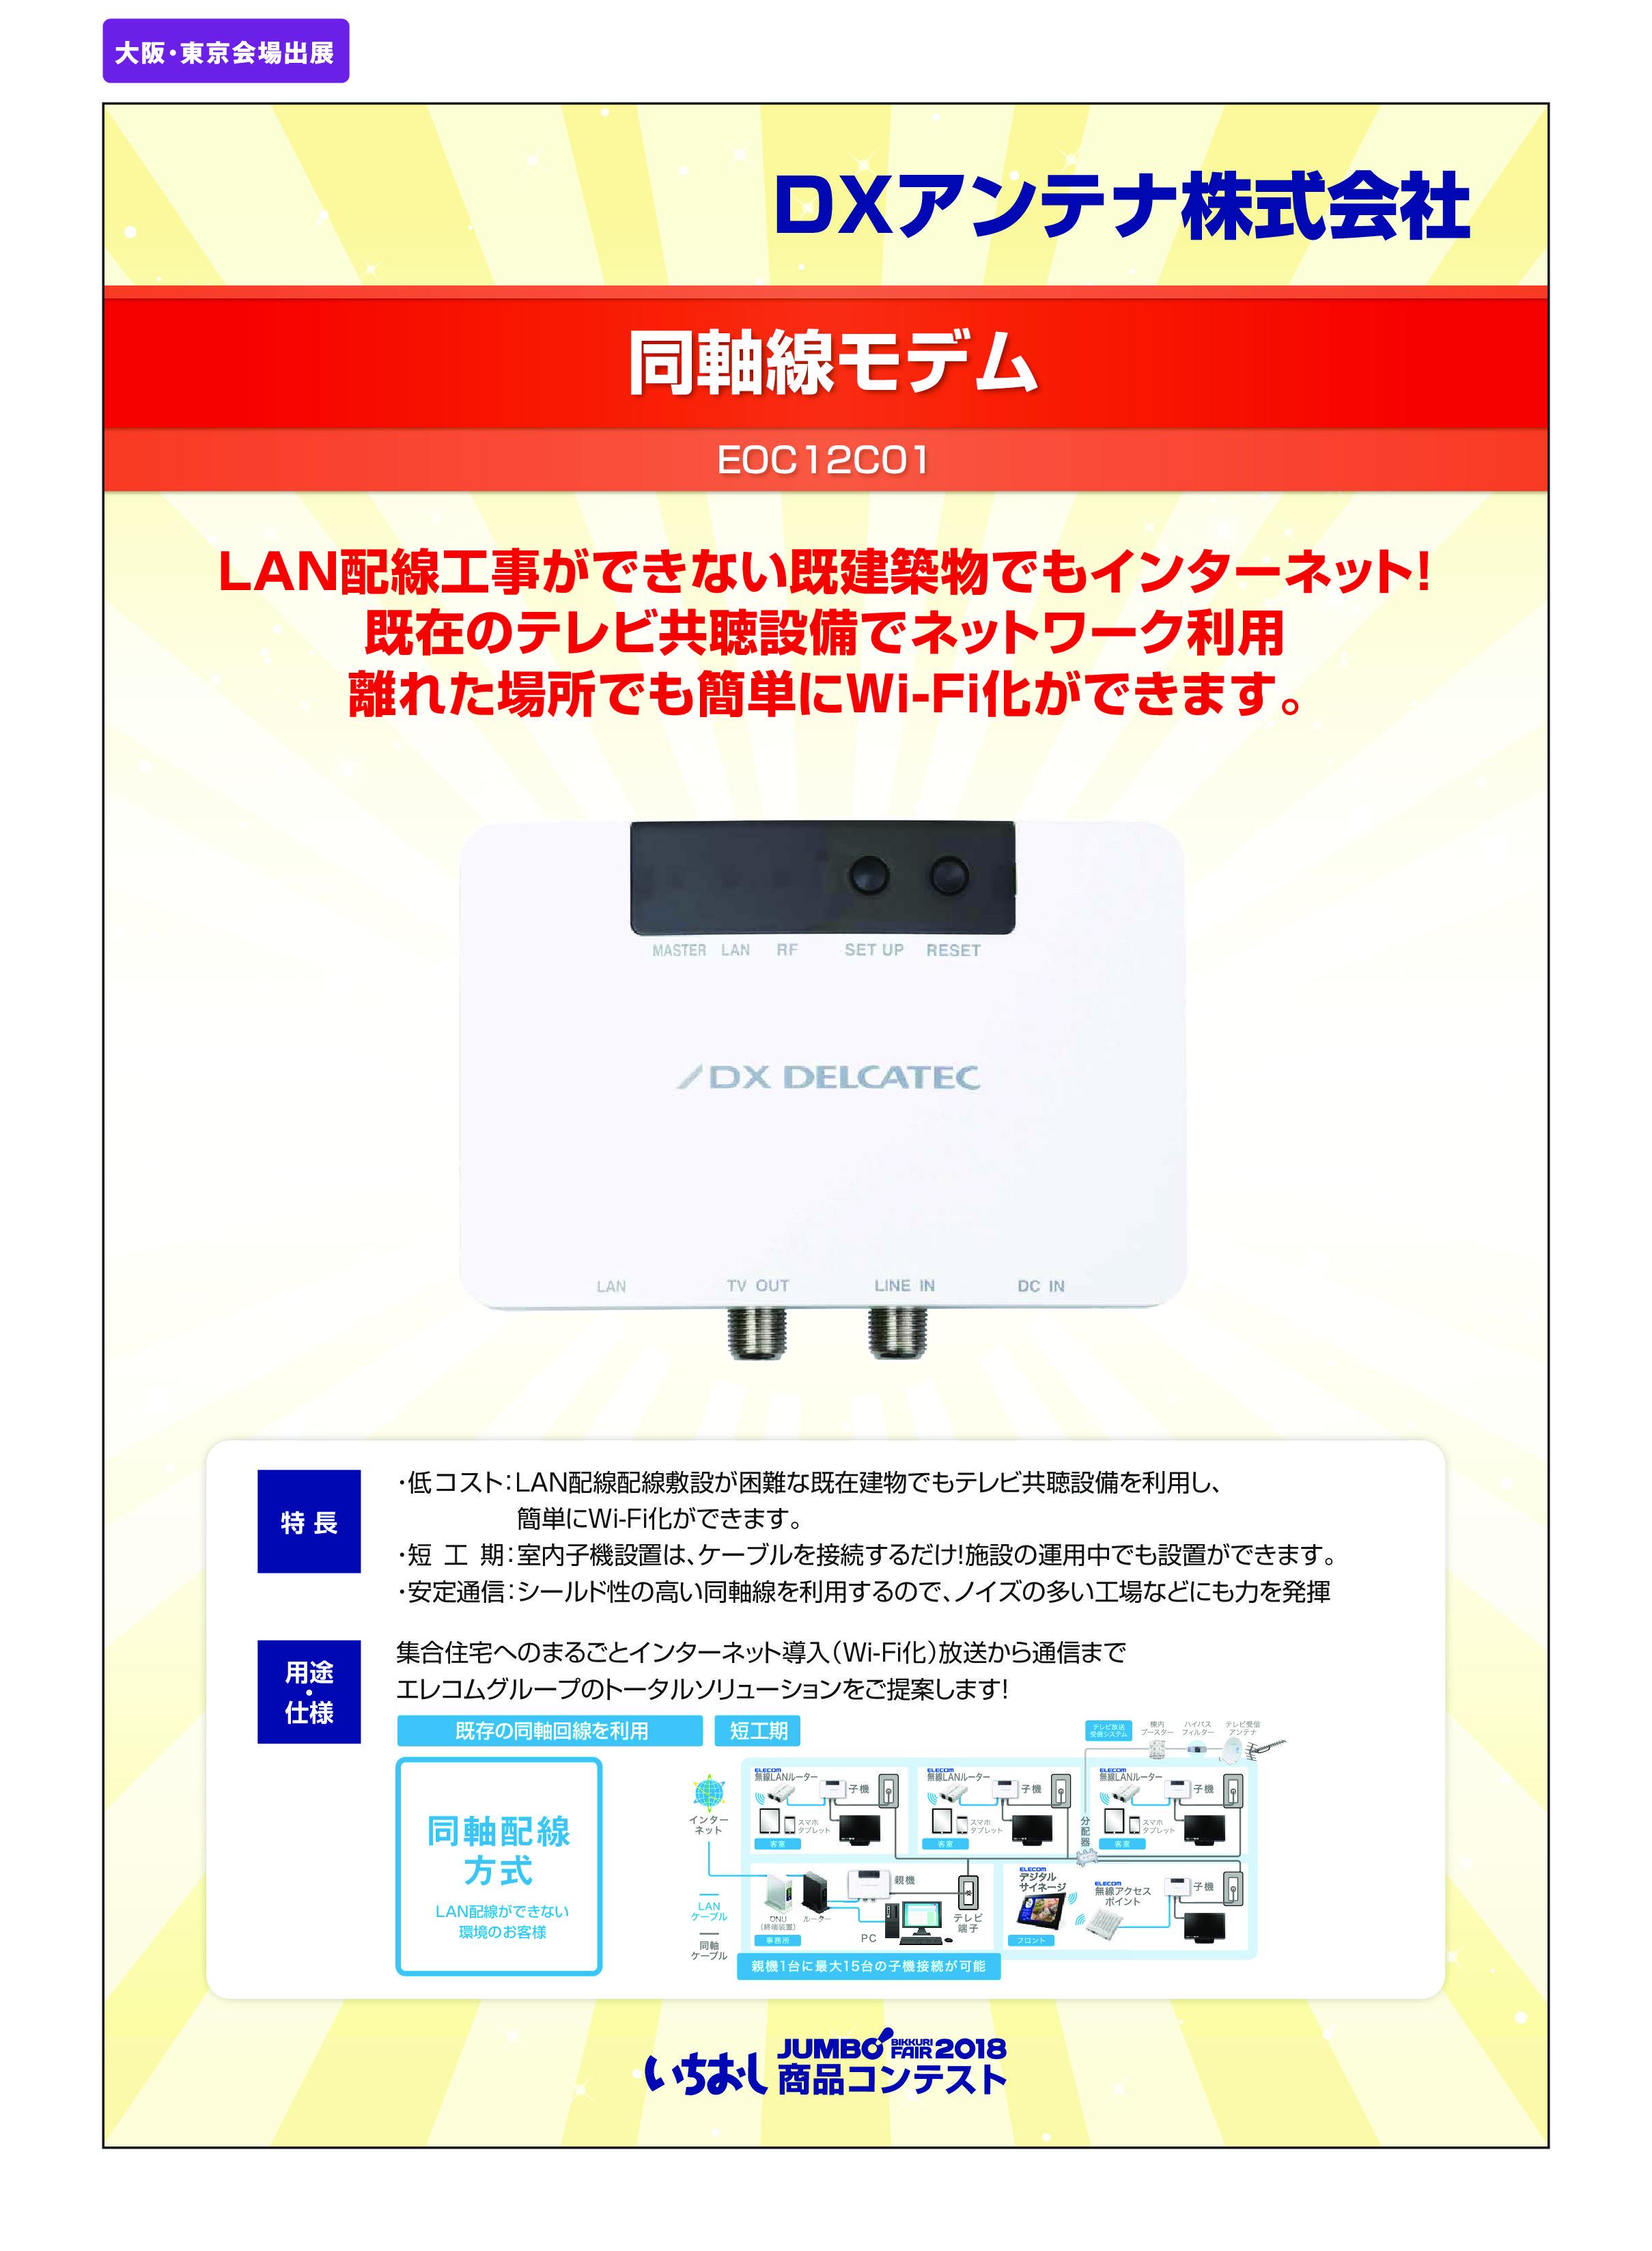 「同軸線モデム」DXアンテナ株式会社の画像